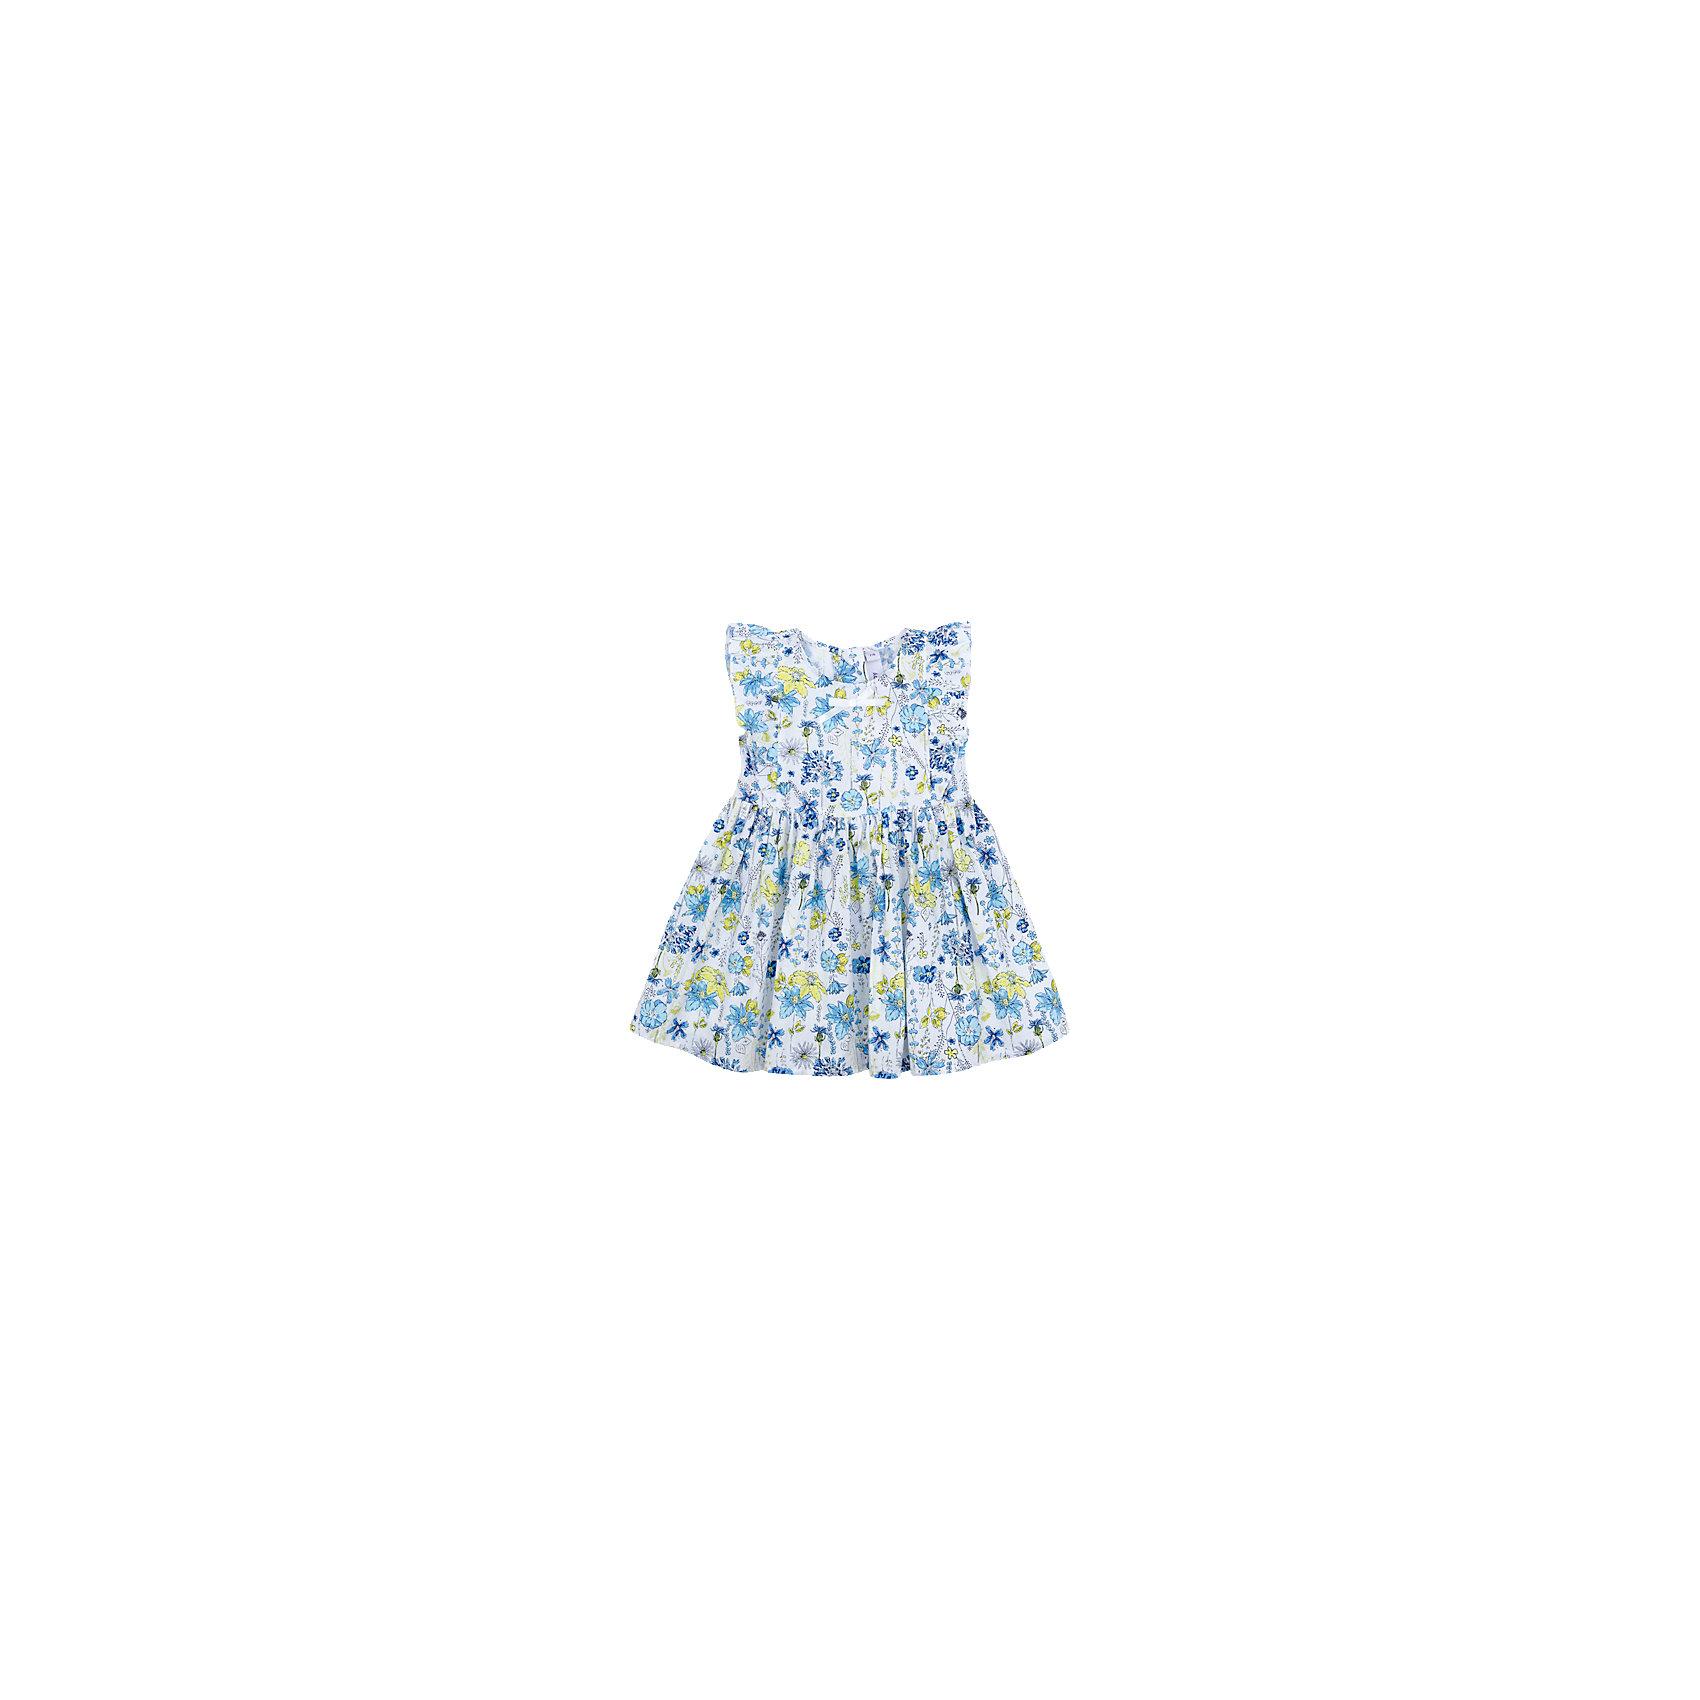 Платье для девочки PlayTodayПлатья<br>Характеристики товара:<br><br>• цвет: голубой<br>• состав: 100% хлопок<br>• молния<br>• качественный материал<br>• оборки<br>• комфортная посадка<br>• коллекция: весна-лето 2017<br>• страна бренда: Германия<br>• страна производства: Китай<br><br>Популярный бренд PlayToday выпустил новую коллекцию! Вещи из неё продолжают радовать покупателей удобством, стильным дизайном и продуманным кроем. Дети носят их с удовольствием. PlayToday - это линейка товаров, созданная специально для детей. Дизайнеры учитывают новые веяния моды и потребности детей. Порадуйте ребенка обновкой от проверенного производителя!<br>Эта модель обеспечит ребенку комфорт благодаря качественному материалу и удобному крою. С её помощью можно сделать интересный акцент в образе, дополнить наряд и одеться по погоде. Очень модная вещь! Выглядит стильно и аккуратно.<br><br>Платье для девочки от известного бренда Scool можно купить в нашем интернет-магазине.<br><br>Ширина мм: 236<br>Глубина мм: 16<br>Высота мм: 184<br>Вес г: 177<br>Цвет: белый<br>Возраст от месяцев: 18<br>Возраст до месяцев: 24<br>Пол: Женский<br>Возраст: Детский<br>Размер: 92,86,80,74<br>SKU: 5408263